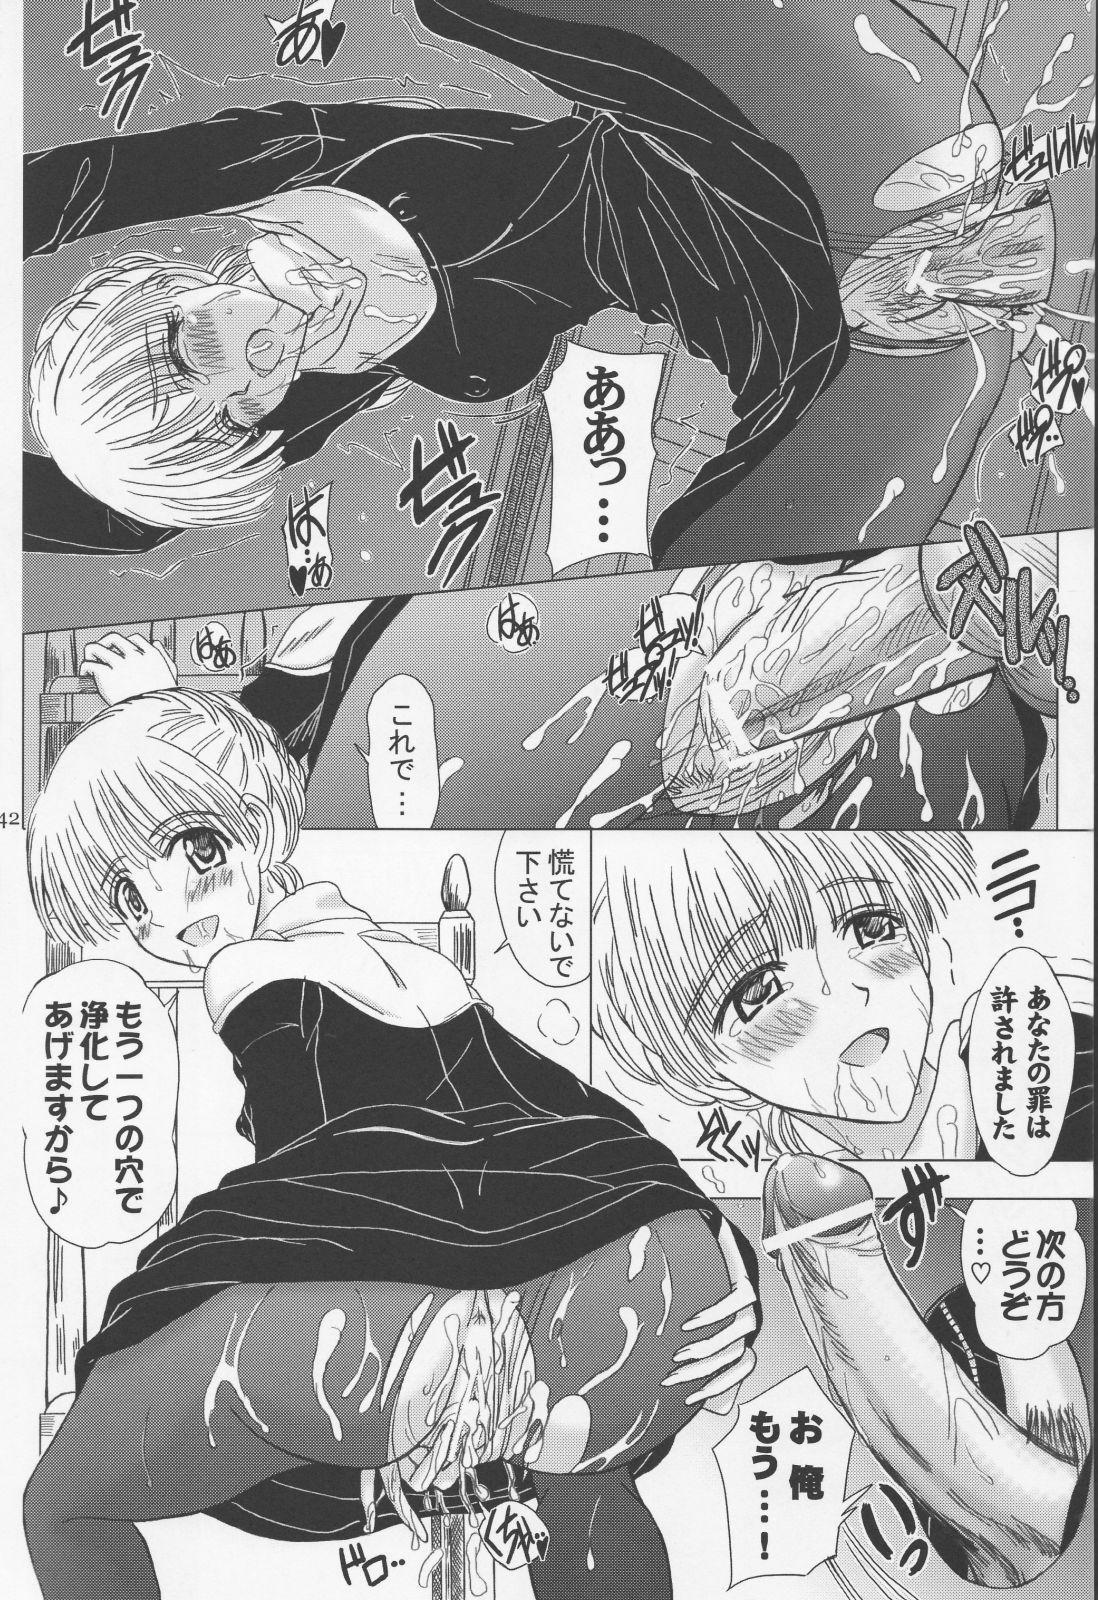 Itoko Sensei to Love Love Natsuyasumi 40